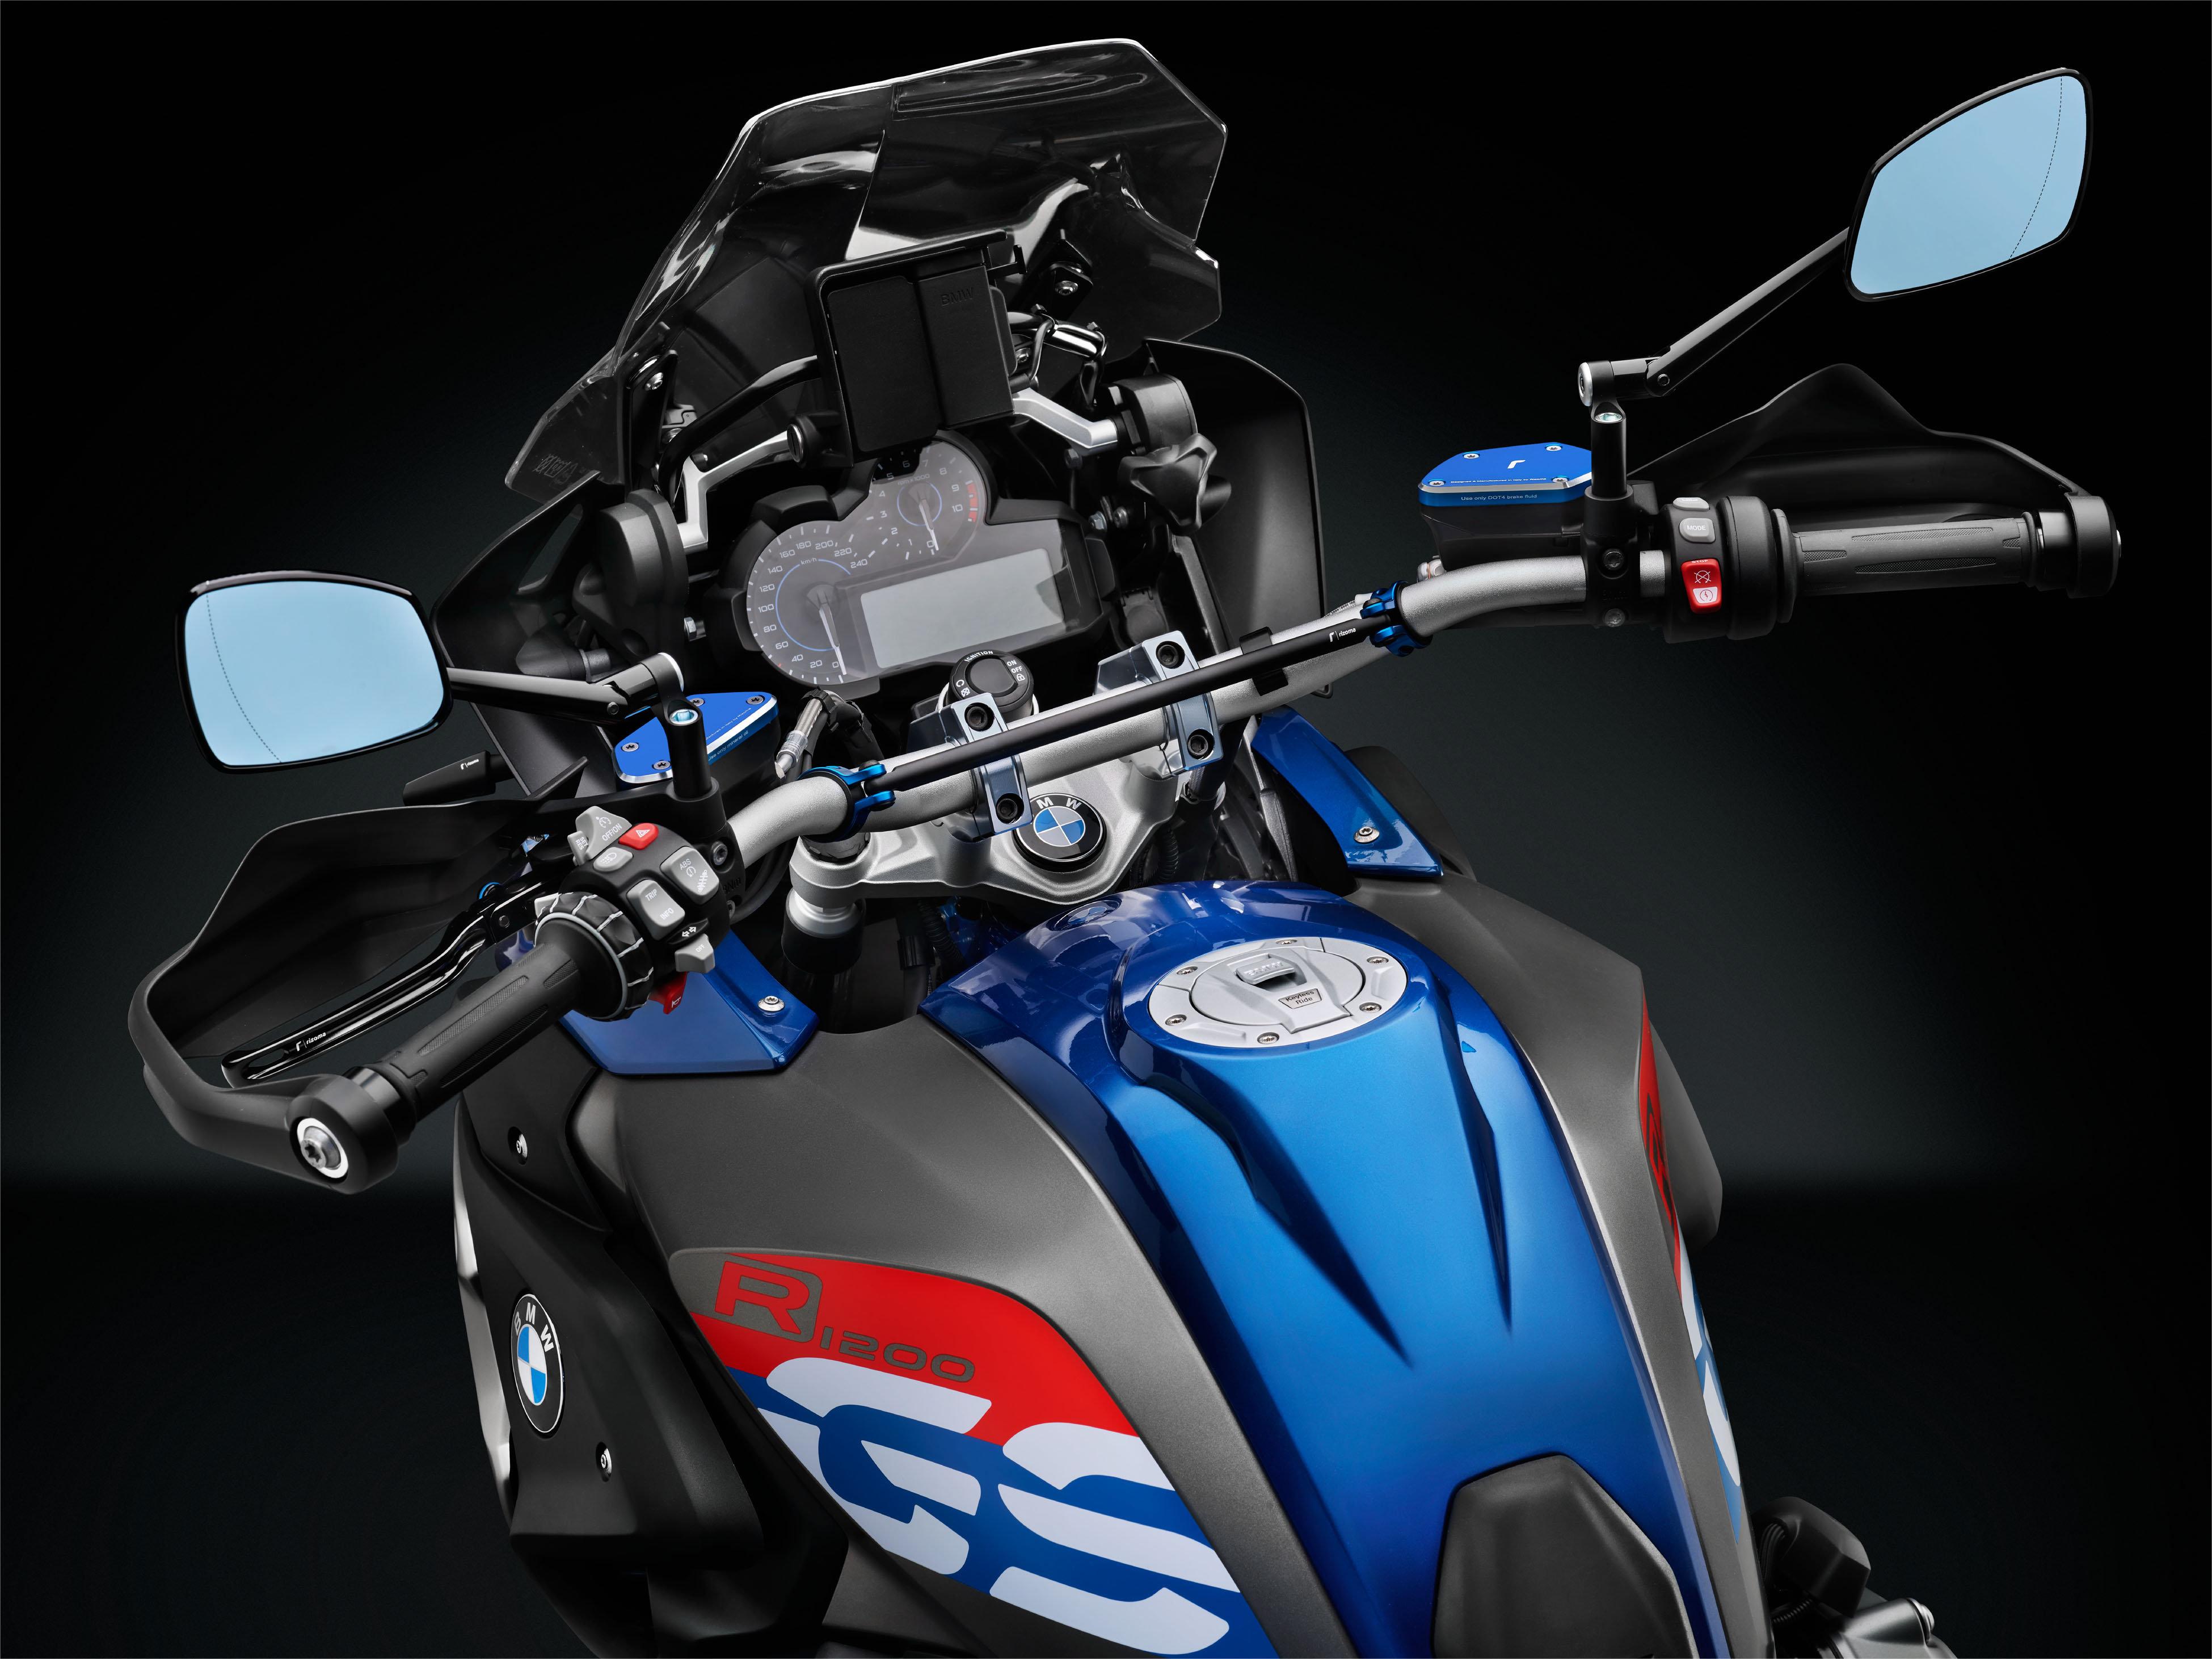 R/ückspiegel Set kompatibel mit BMW R 1200 HP2 Megamoto 2x Spiegel BMW R 1200 HP2 Enduro V20